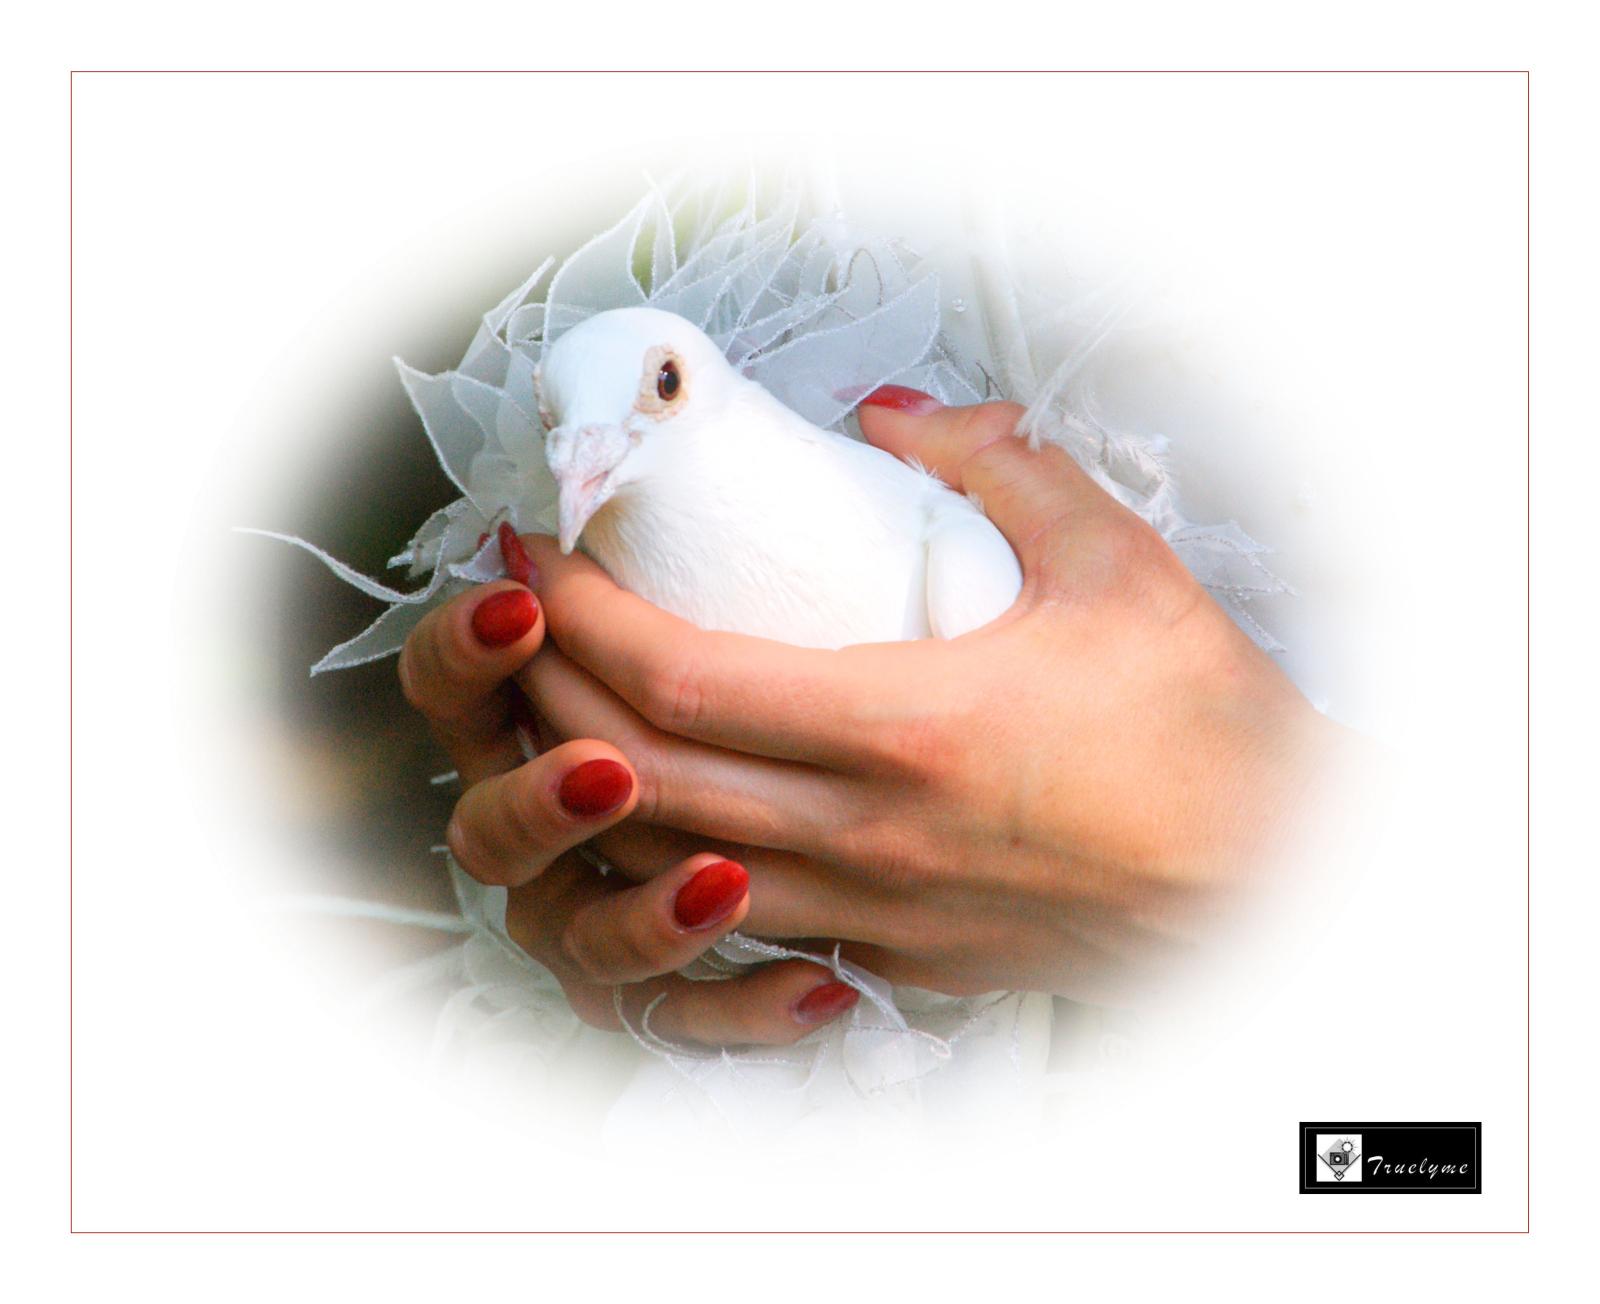 duivenfotos-05.jpg.jpg